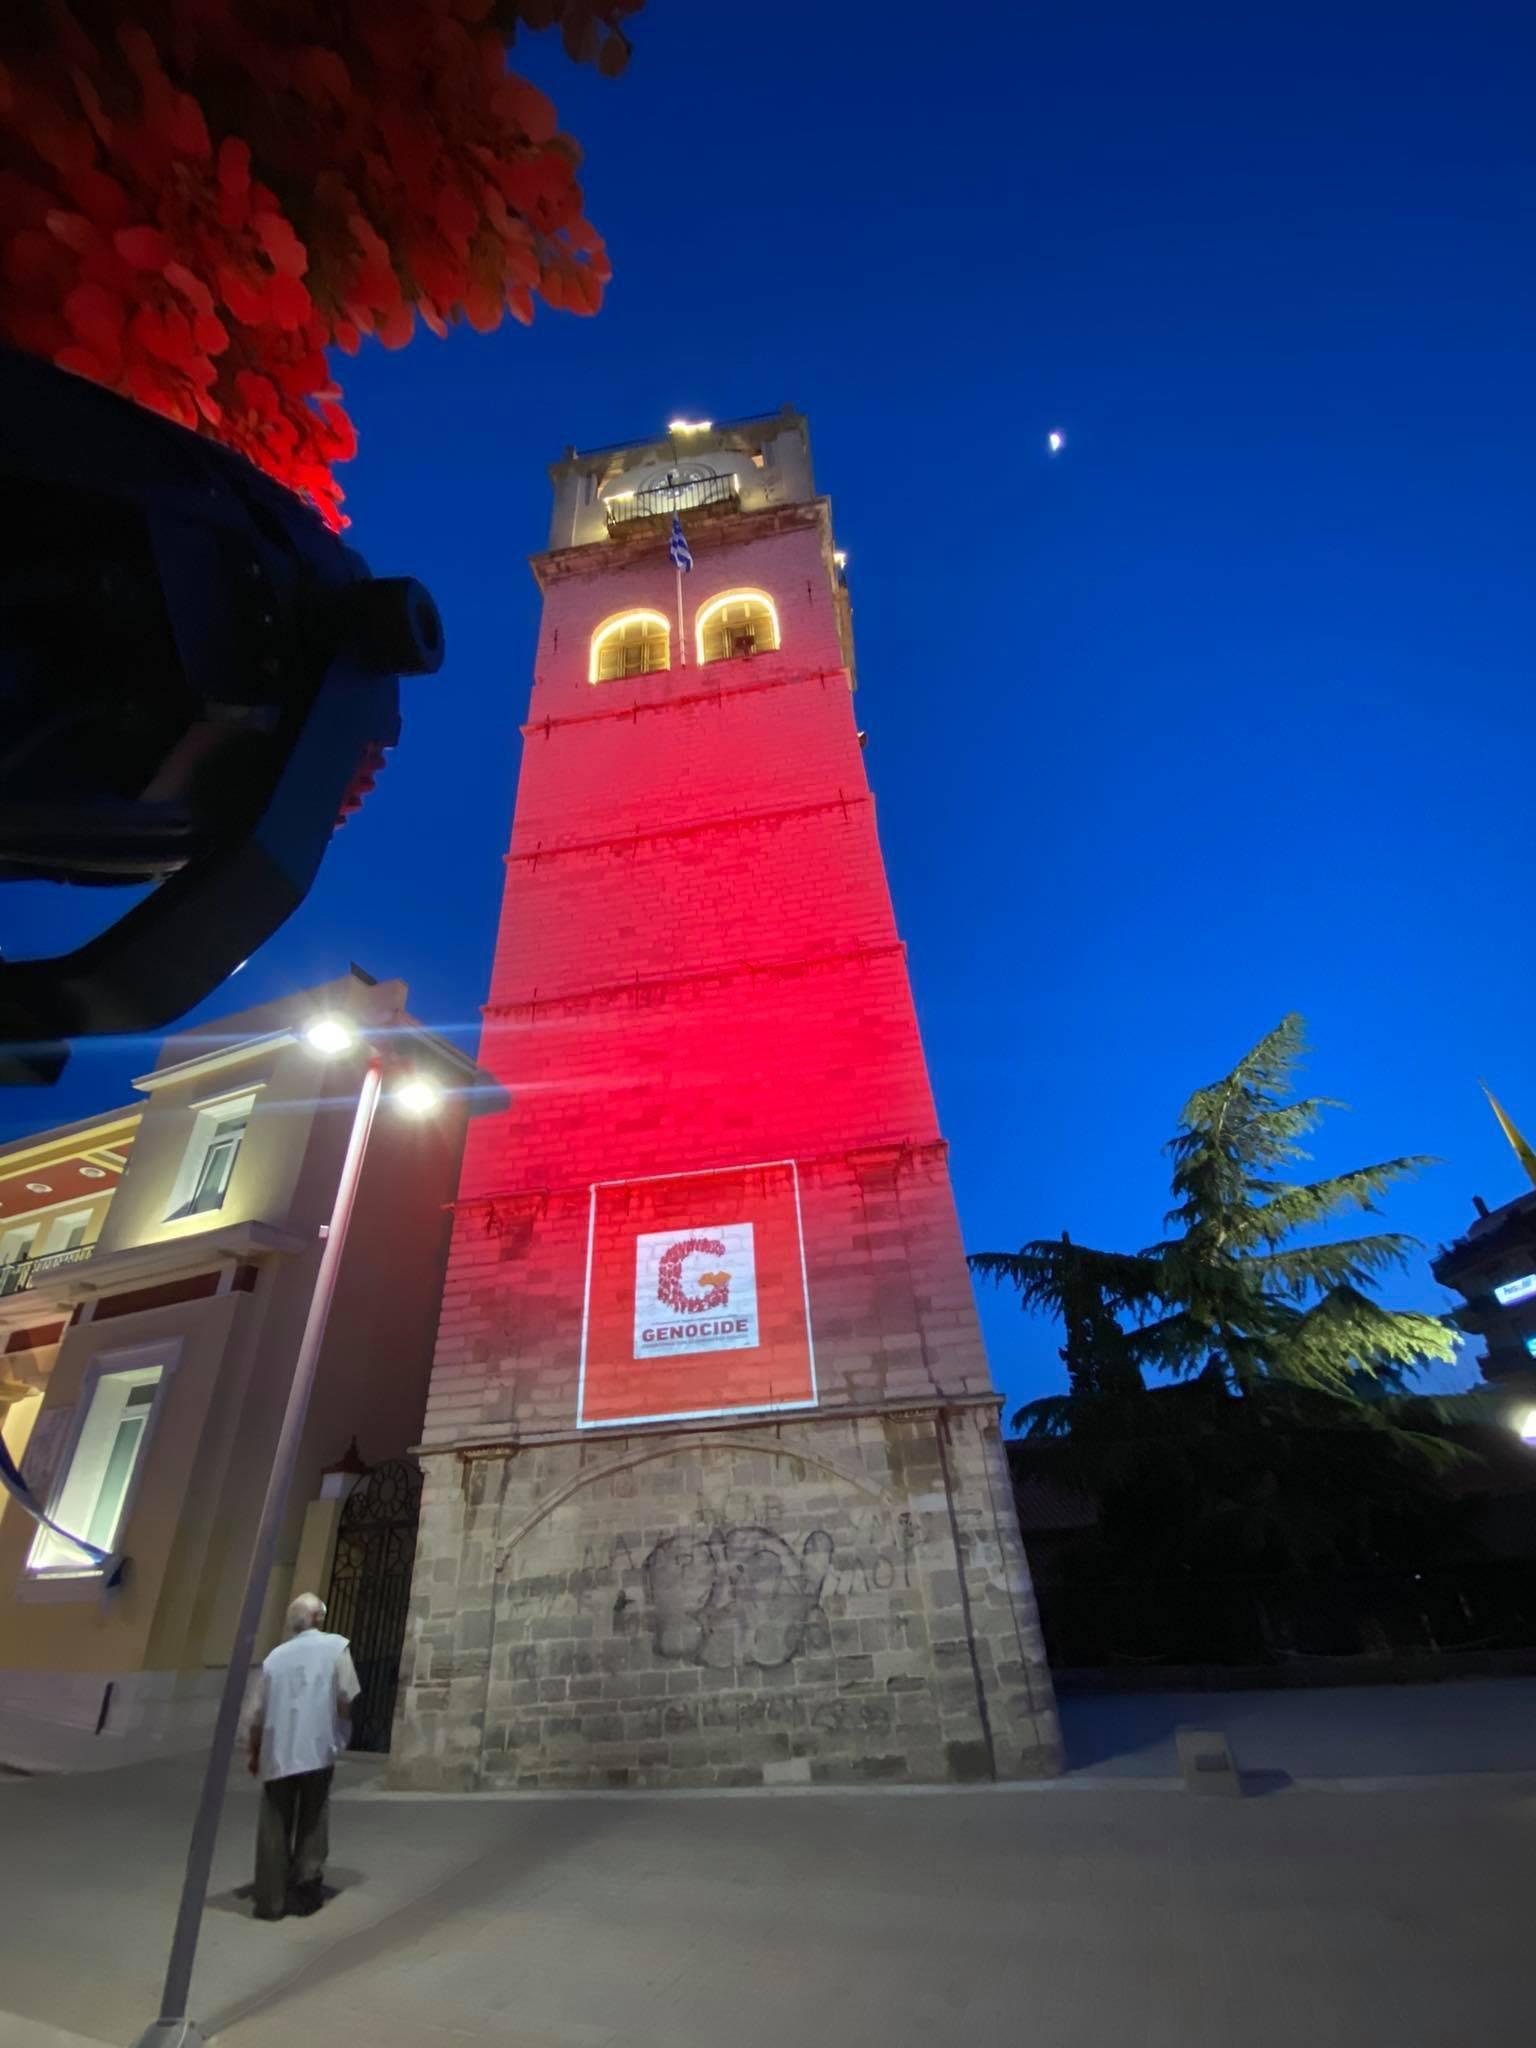 Φωταγωγήθηκε με κόκκινο χρώμα το Δημαρχείο Κοζάνης για την επέτειο των 102 ετών από την Γενοκτονία των Ποντίων.